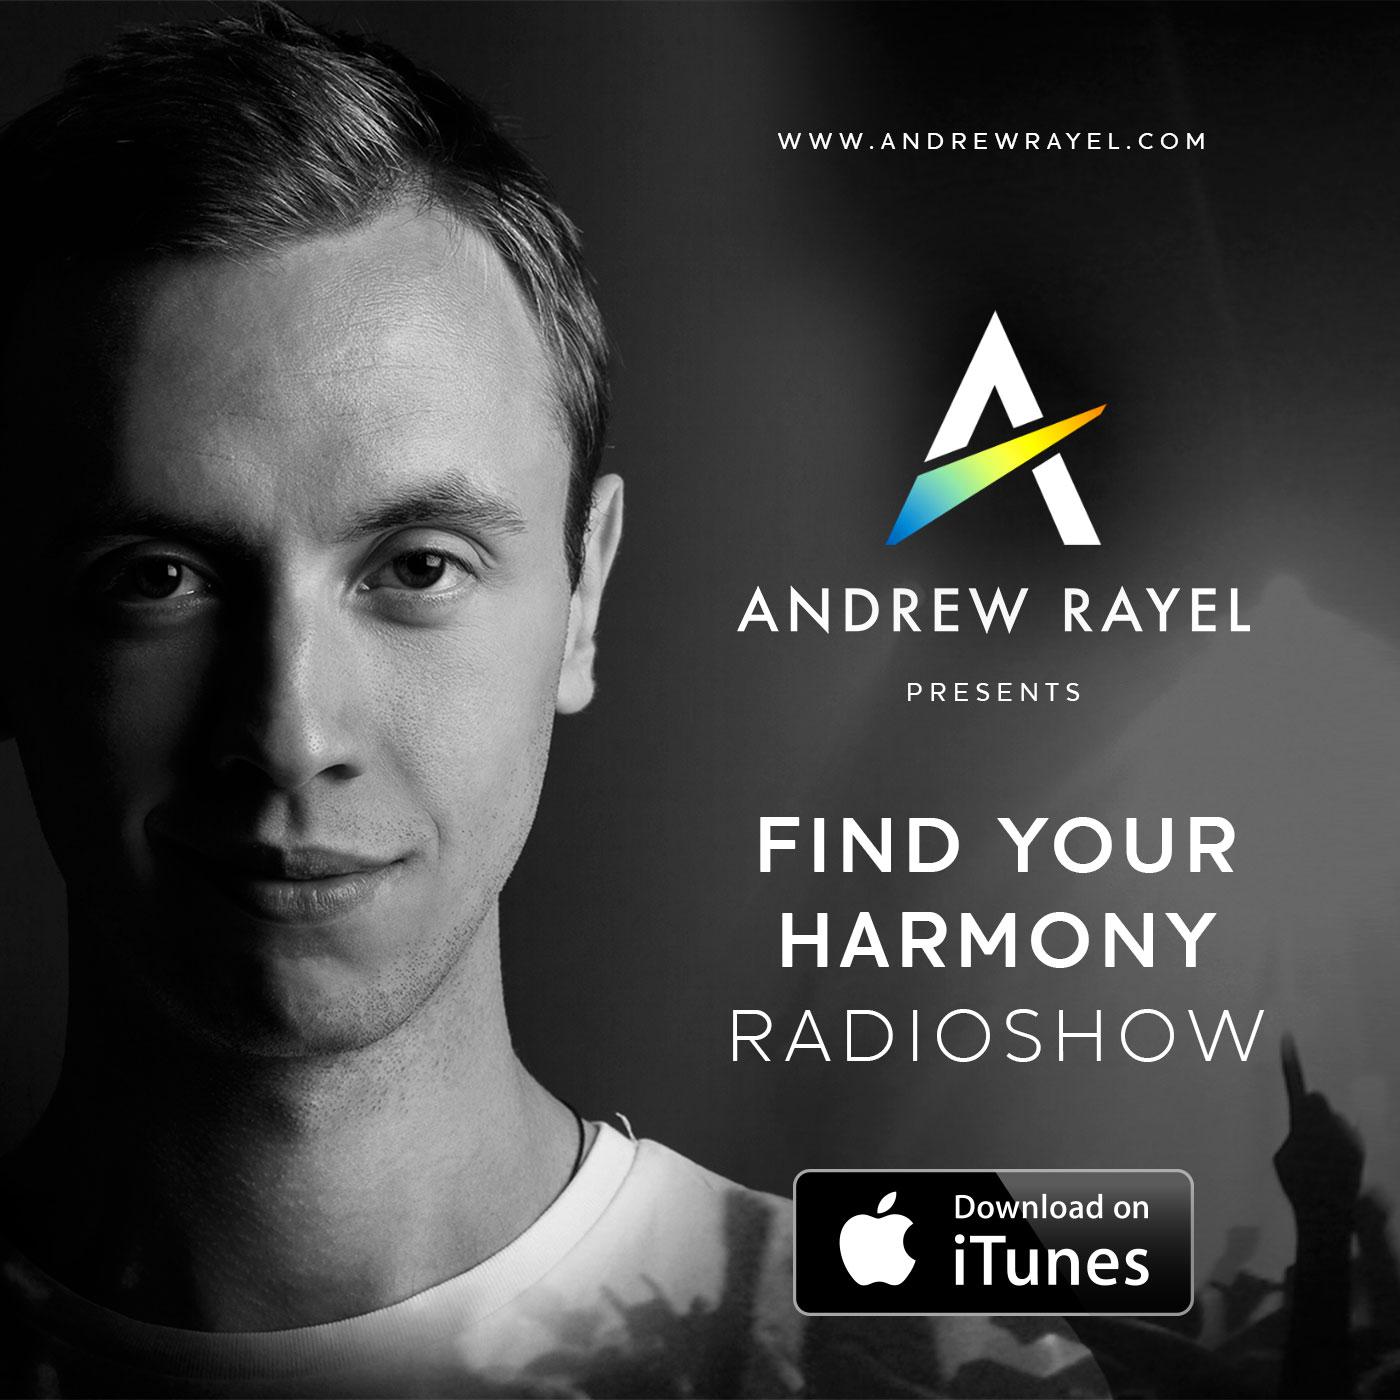 Andrew Rayel - Find Your Harmony Radioshow #091 ile ilgili görsel sonucu